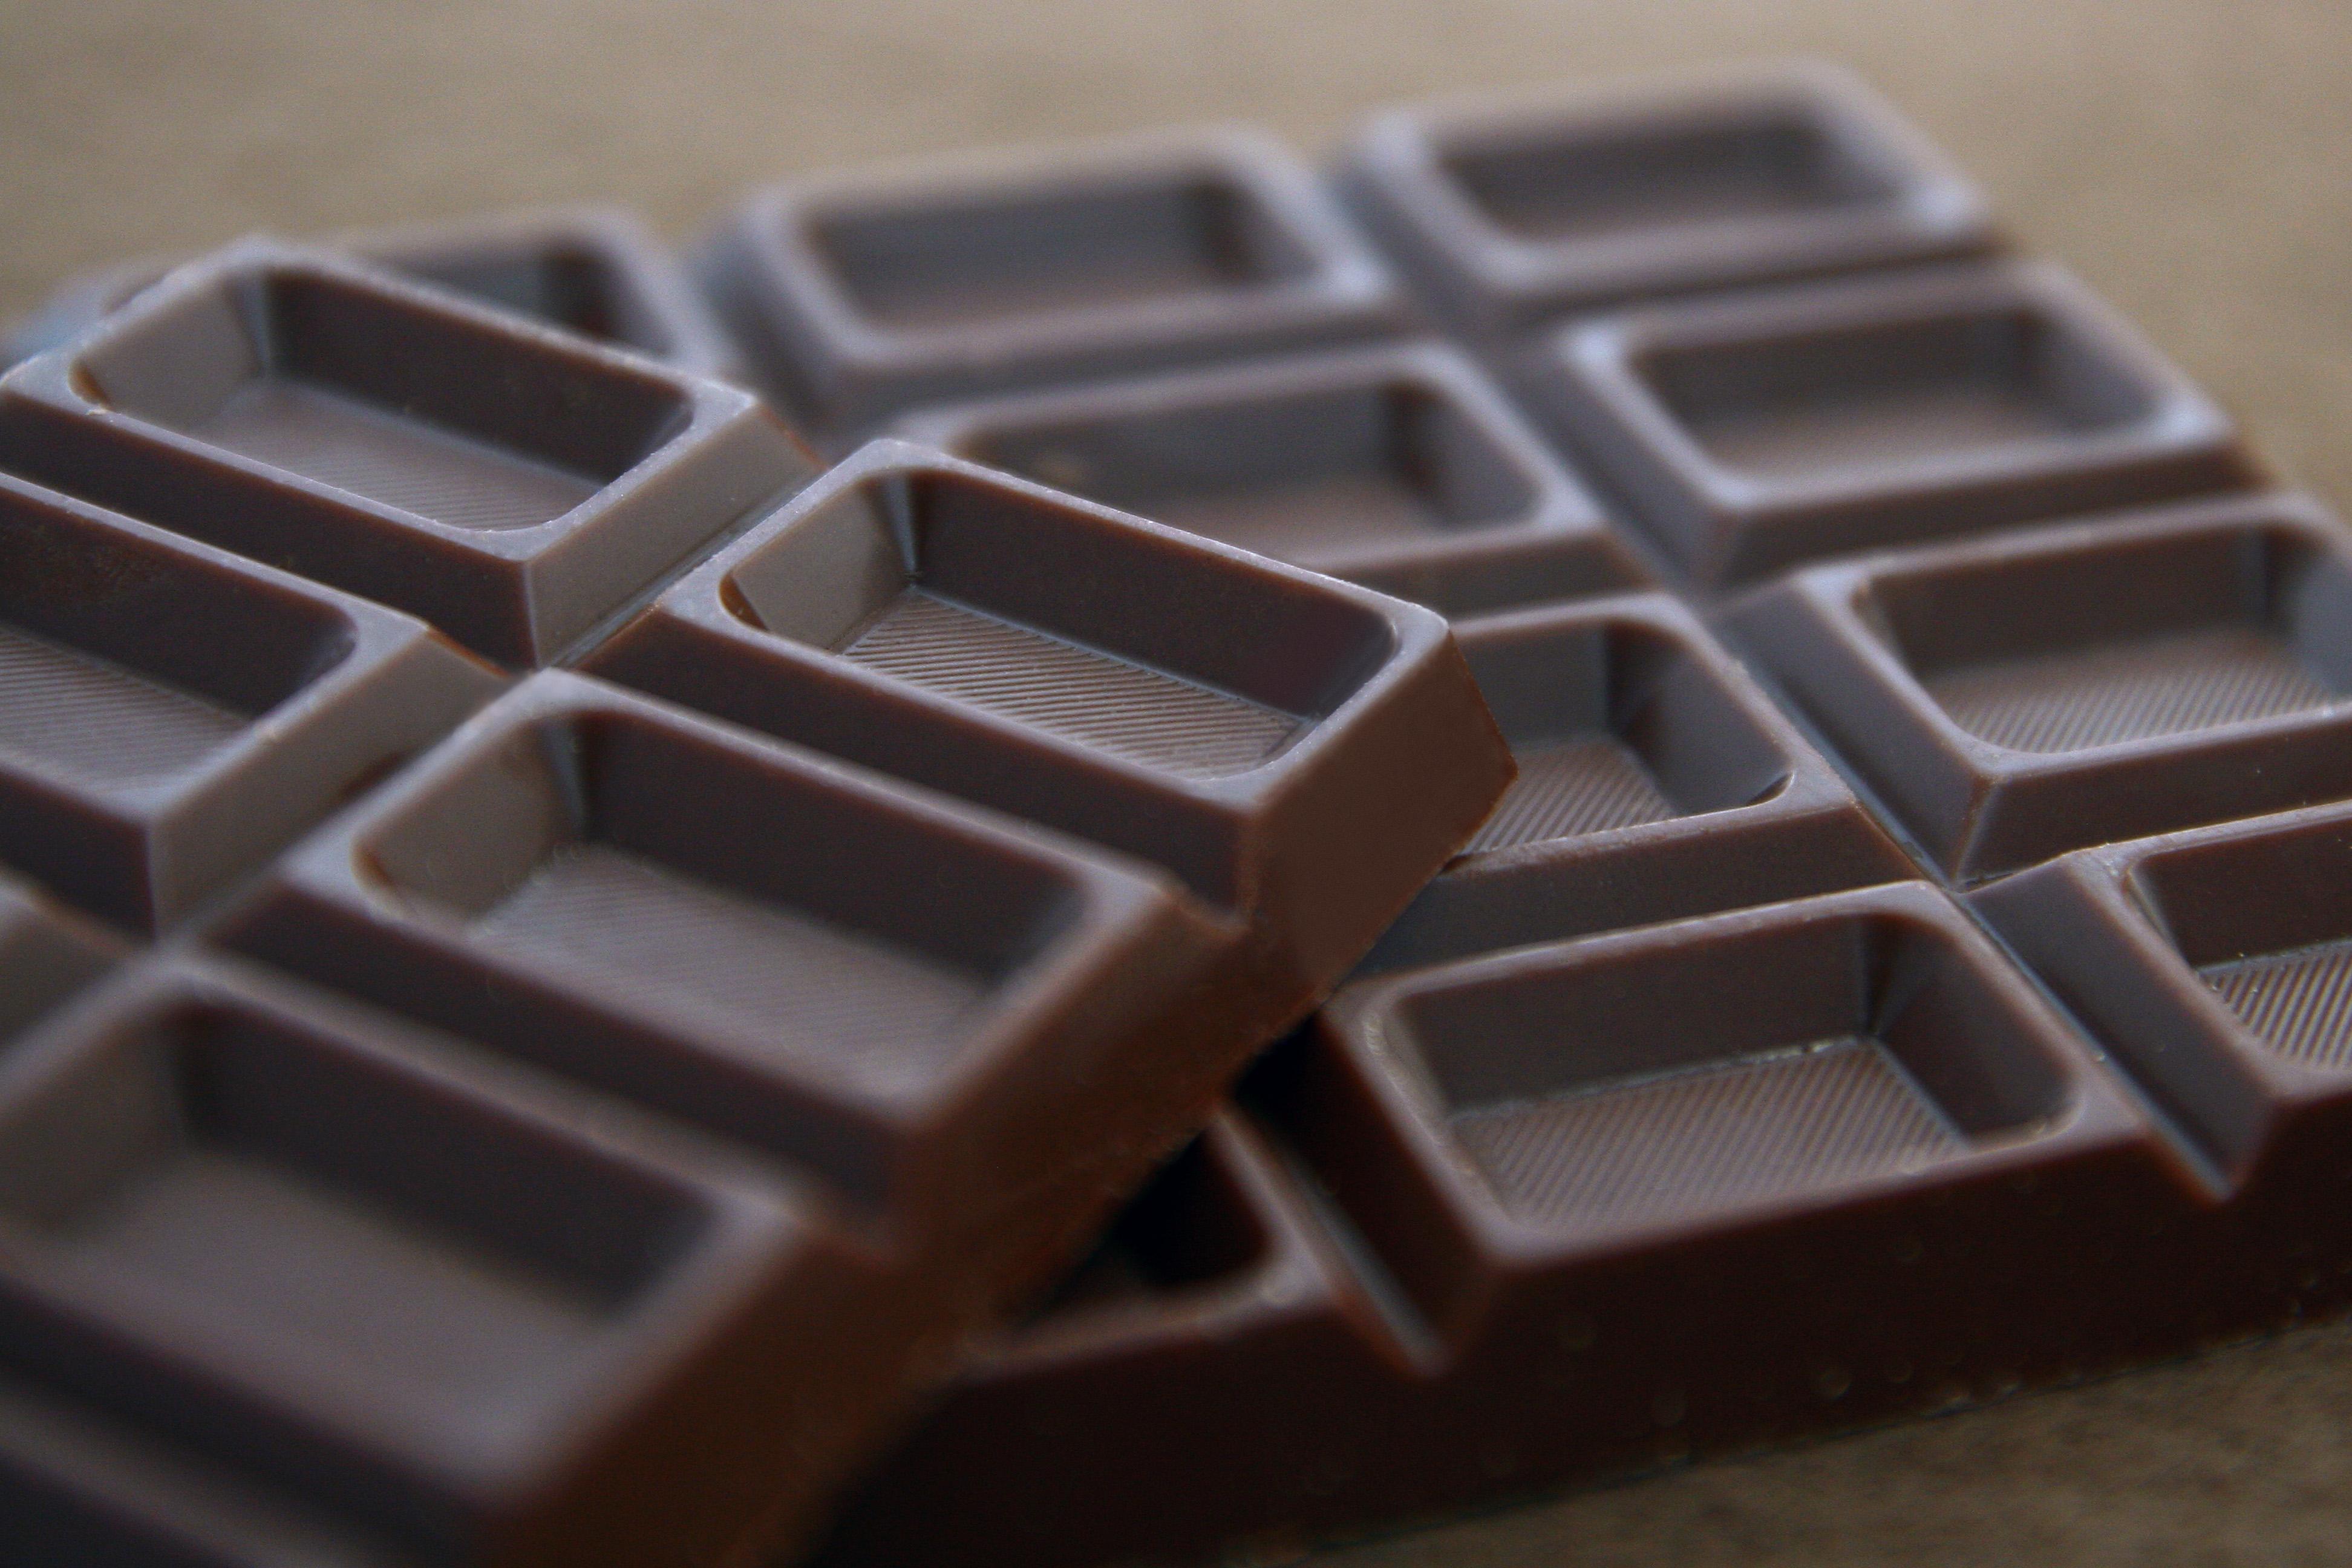 ぼくがチョコレート中毒から抜け出した3つのステップ